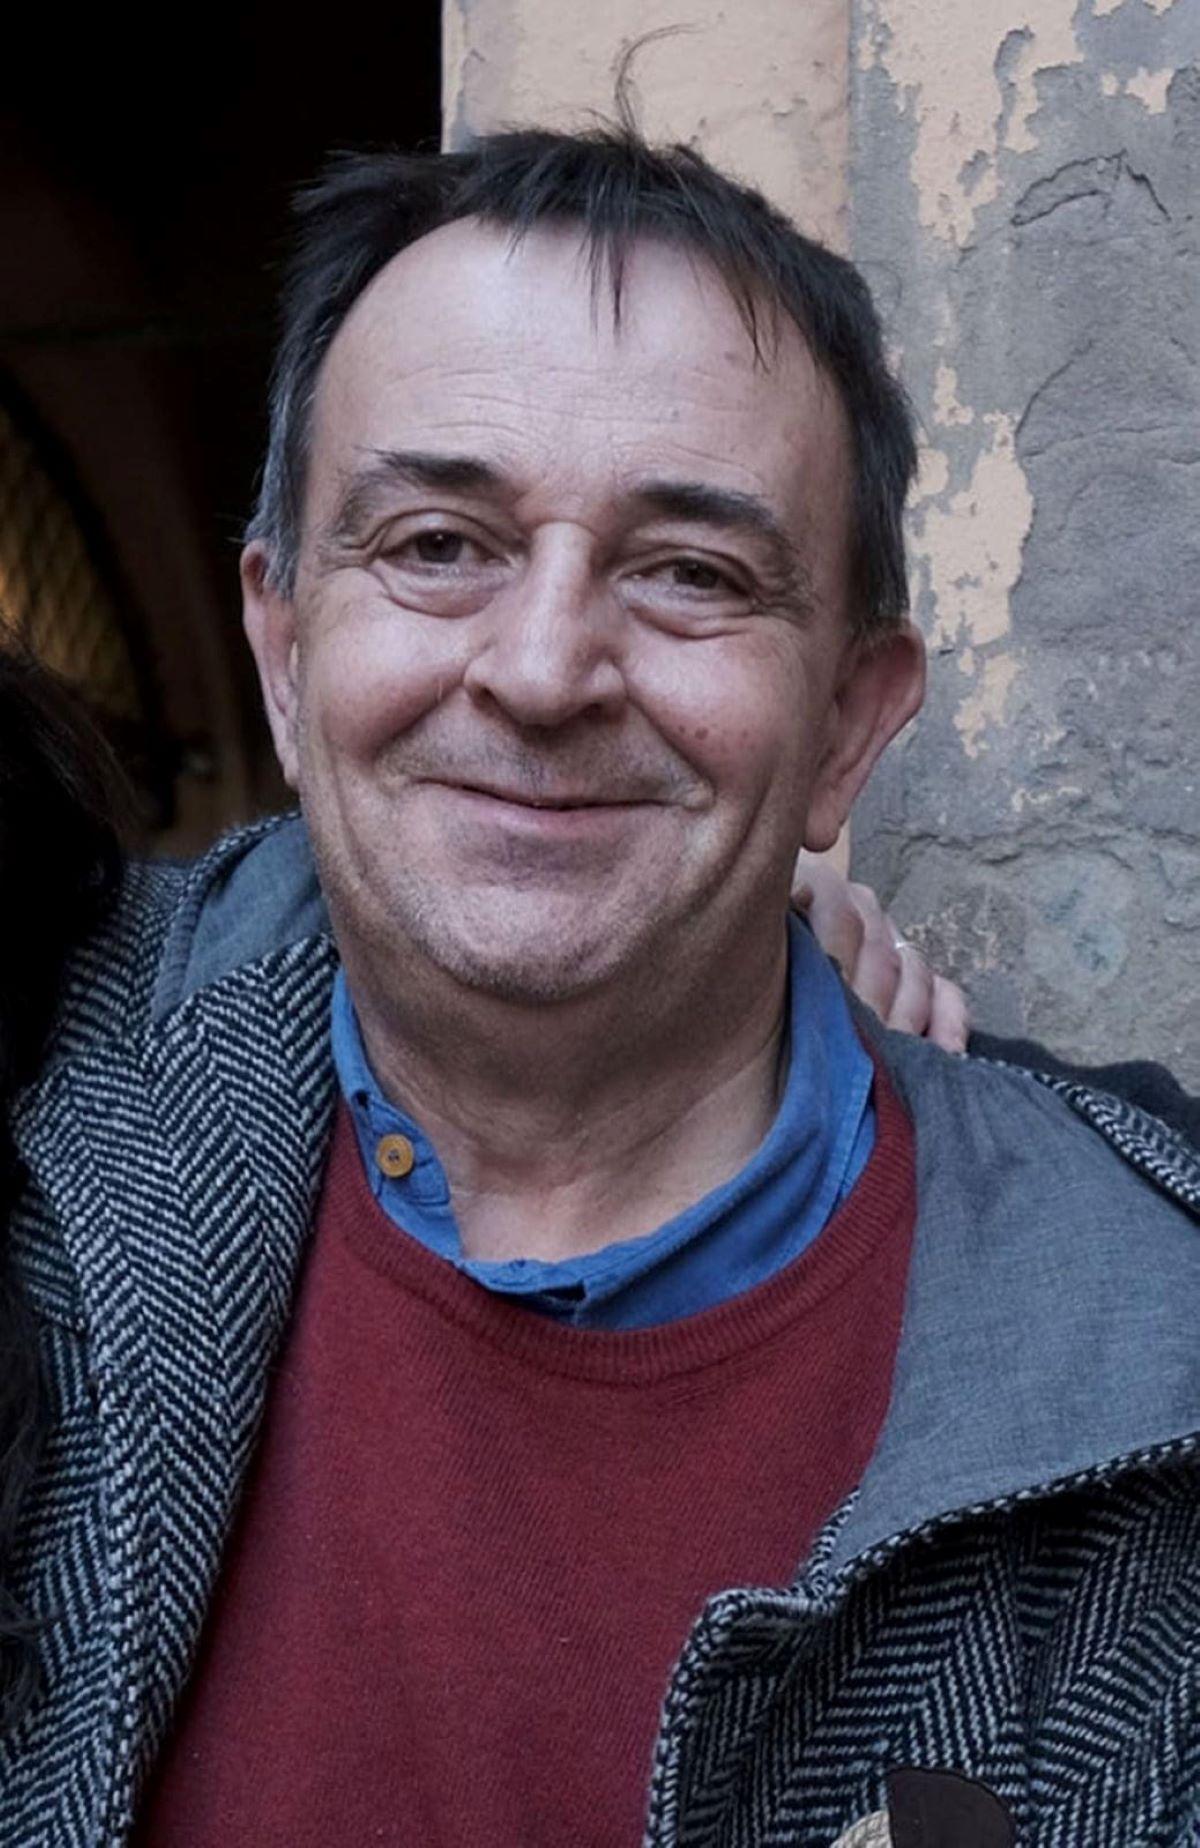 Lutto Giornalismo Morto Roberto Serio Modena